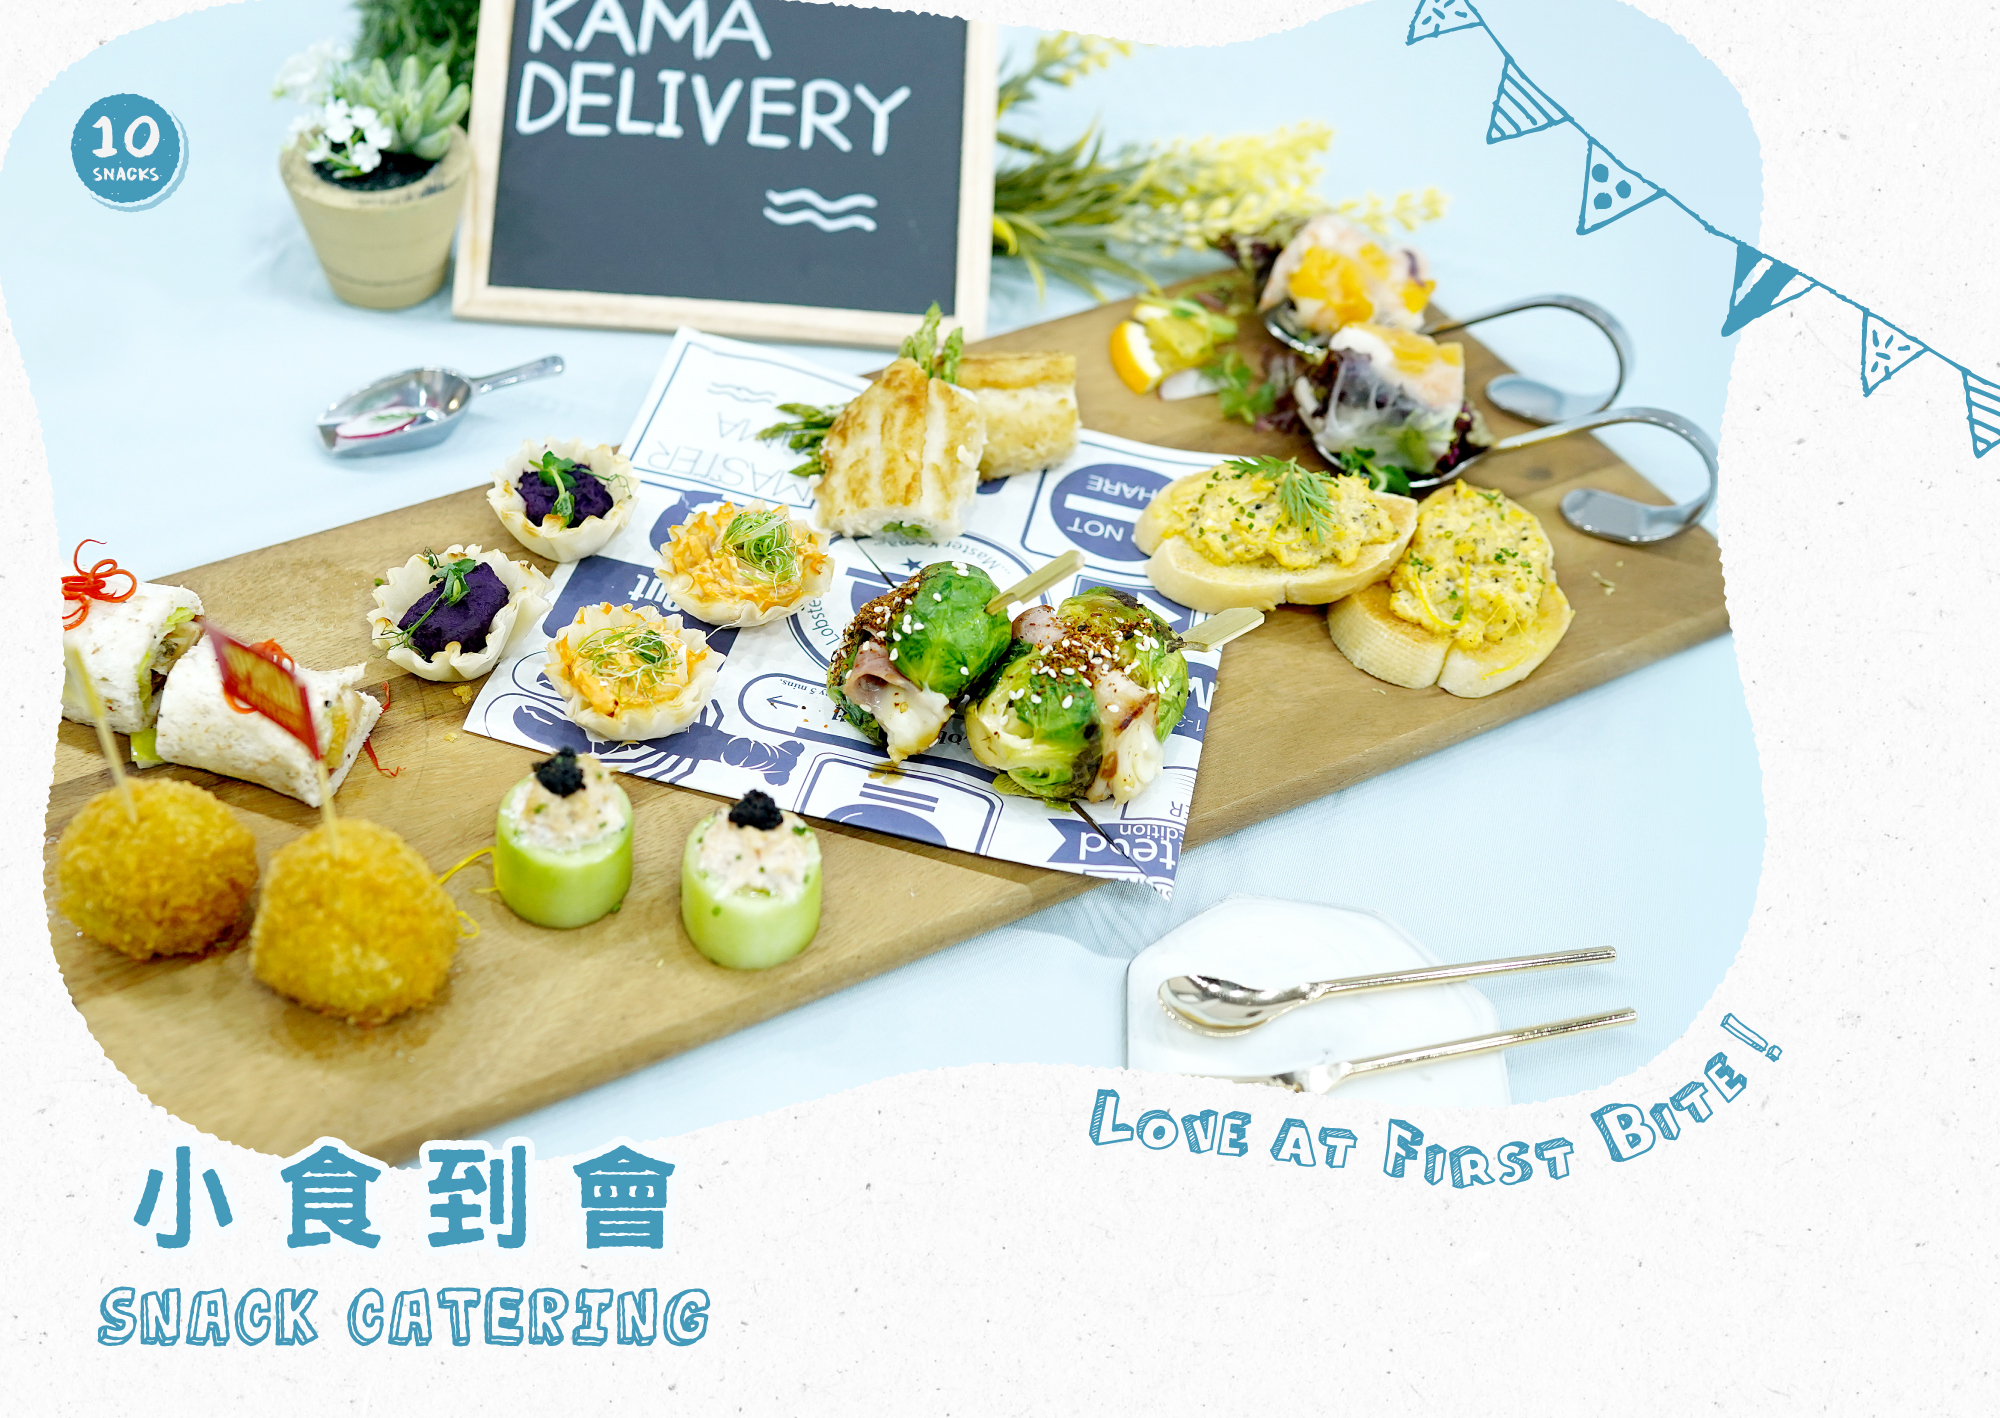 小食到會外賣推介|Kama Delivery提供多款小食到會套餐、單點小食,是你派對活動最好伙伴!